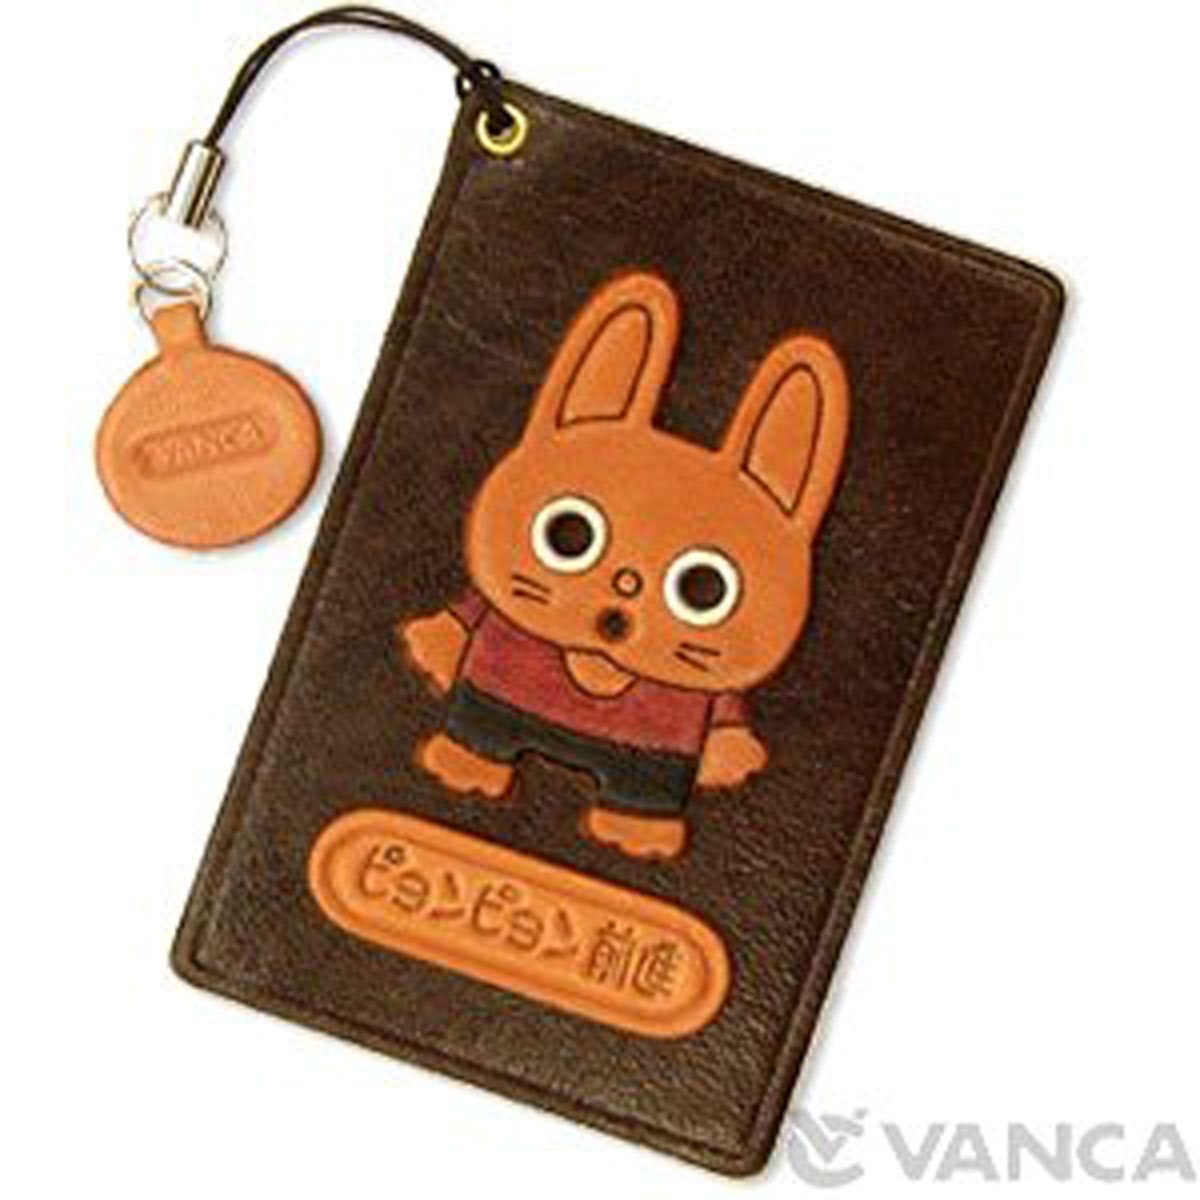 RabbitレザーAnimal Pass/ID/クレジットカード/カードホルダー/casevancaハンドメイドの日本   B00AO0IDAU